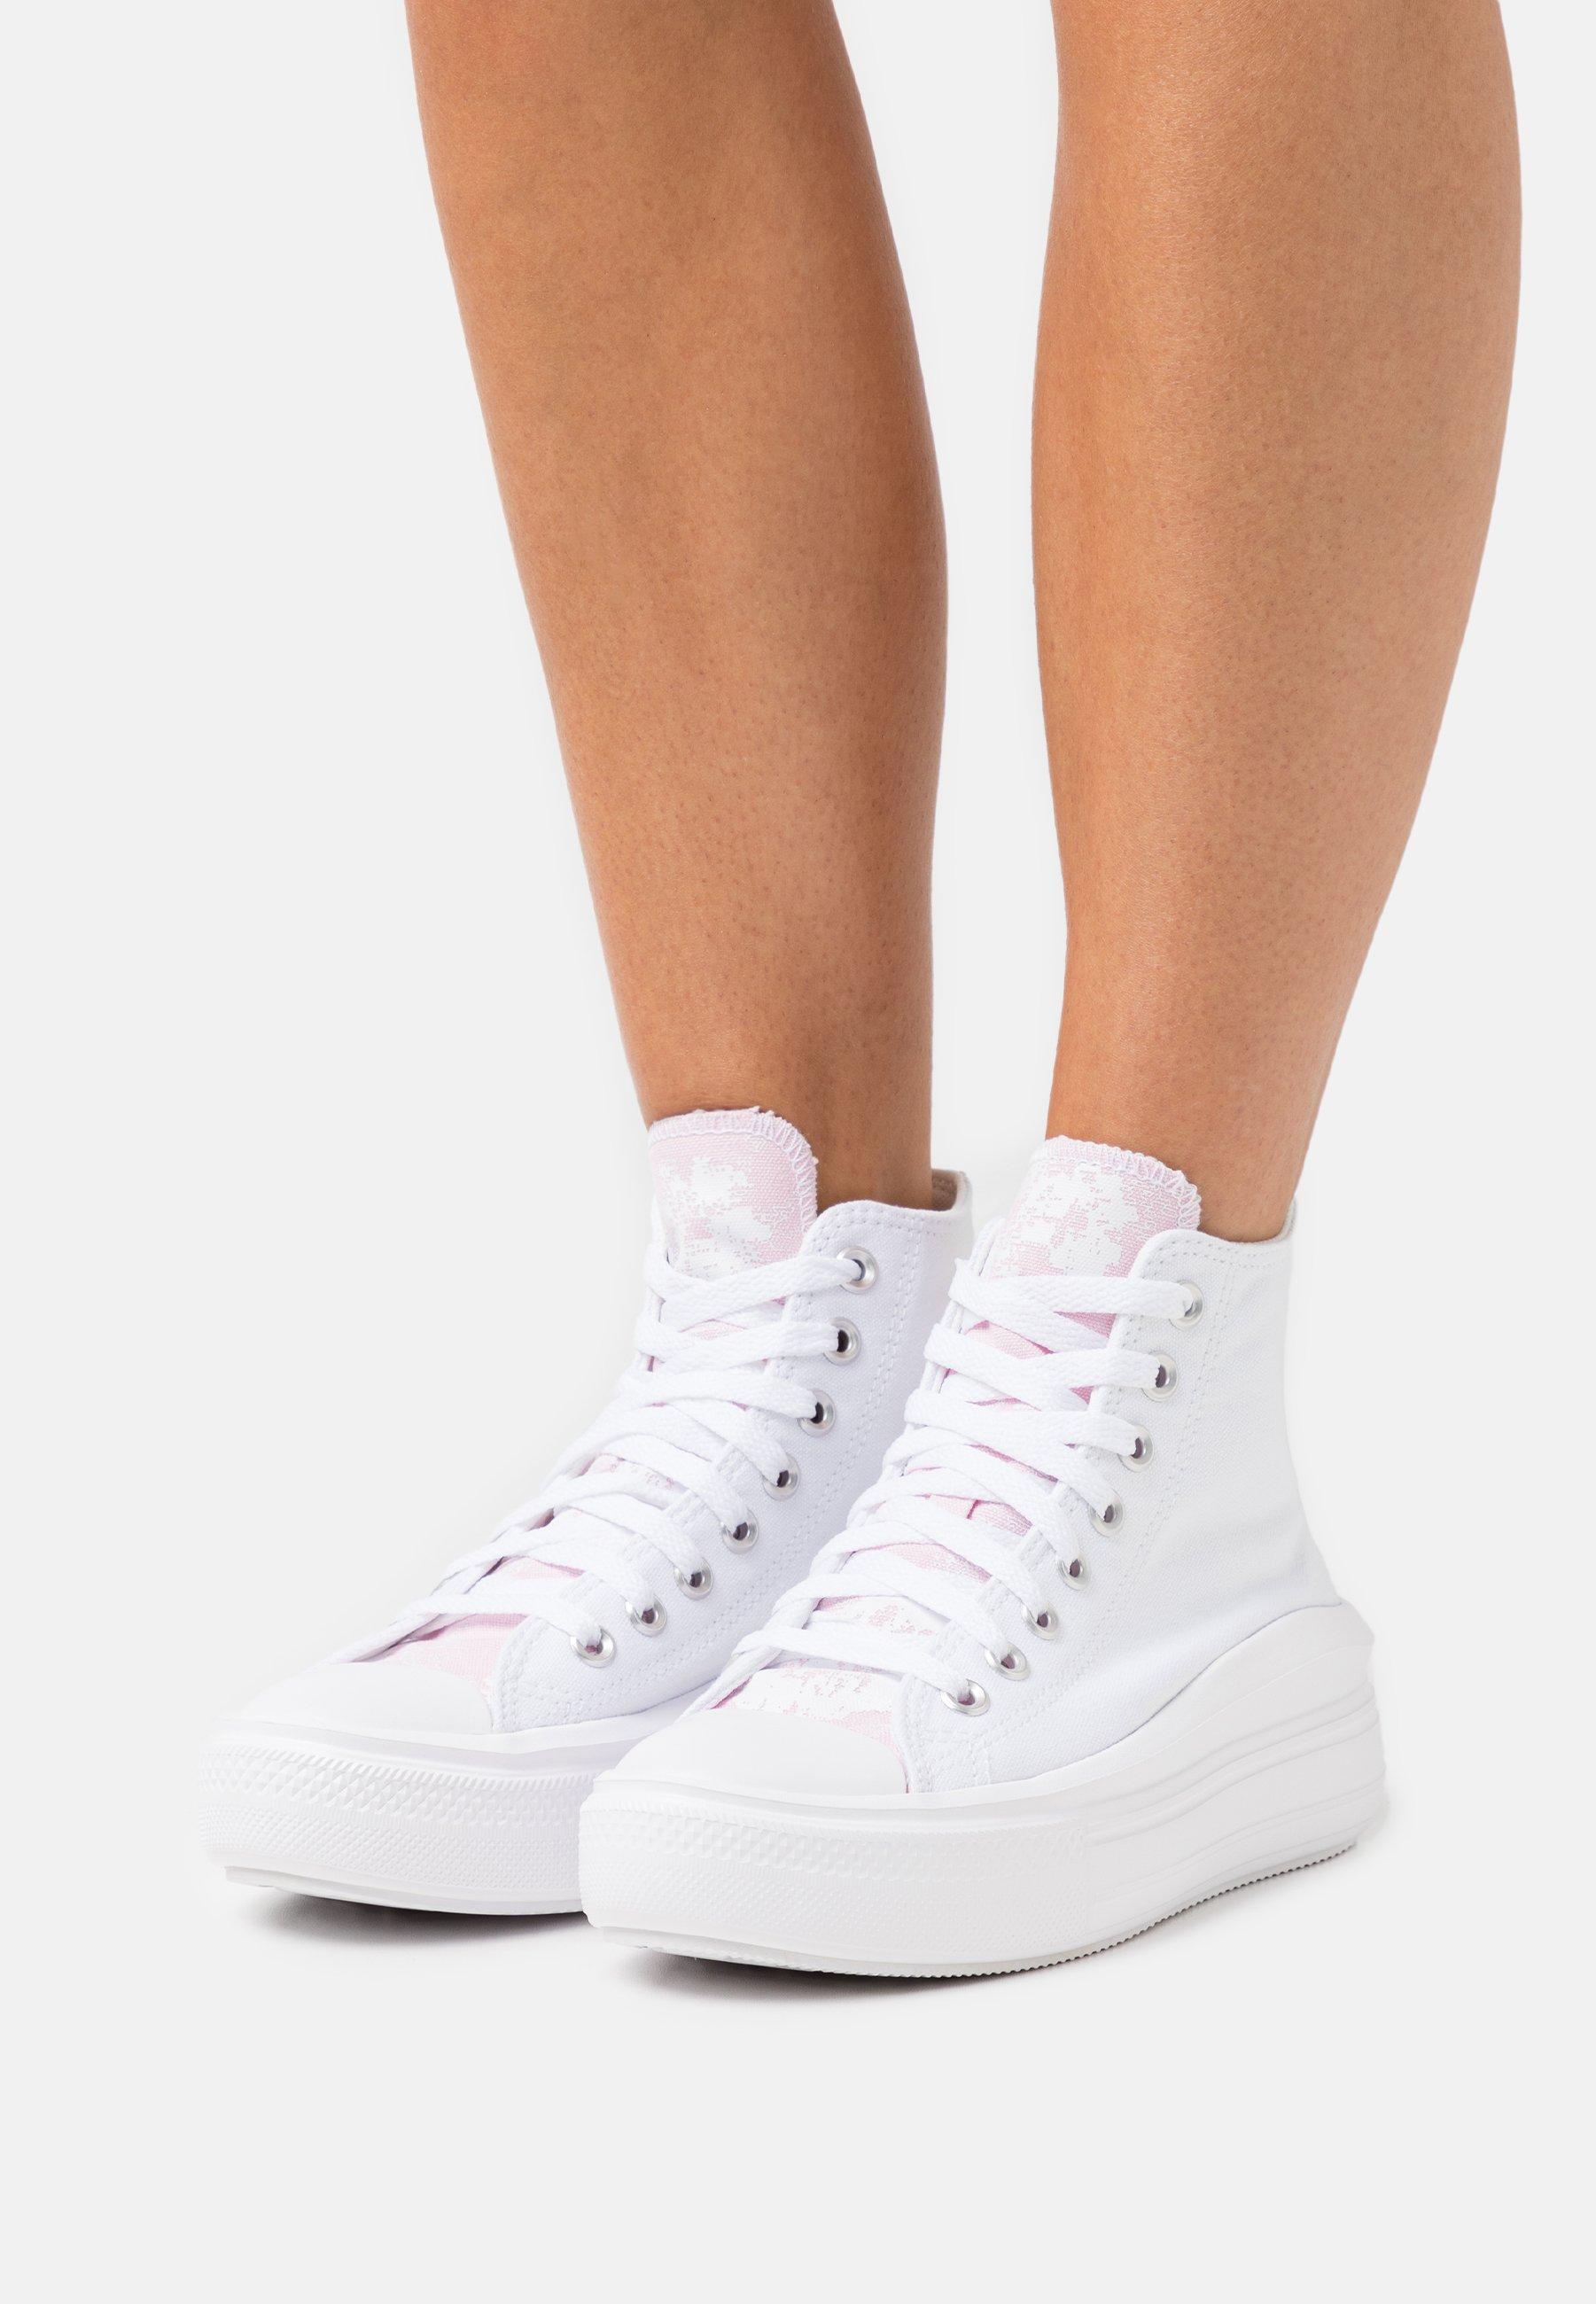 Mujer CHUCK TAYLOR ALL STAR MOVE FLORAL FUSION PLATFORM - Zapatillas altas